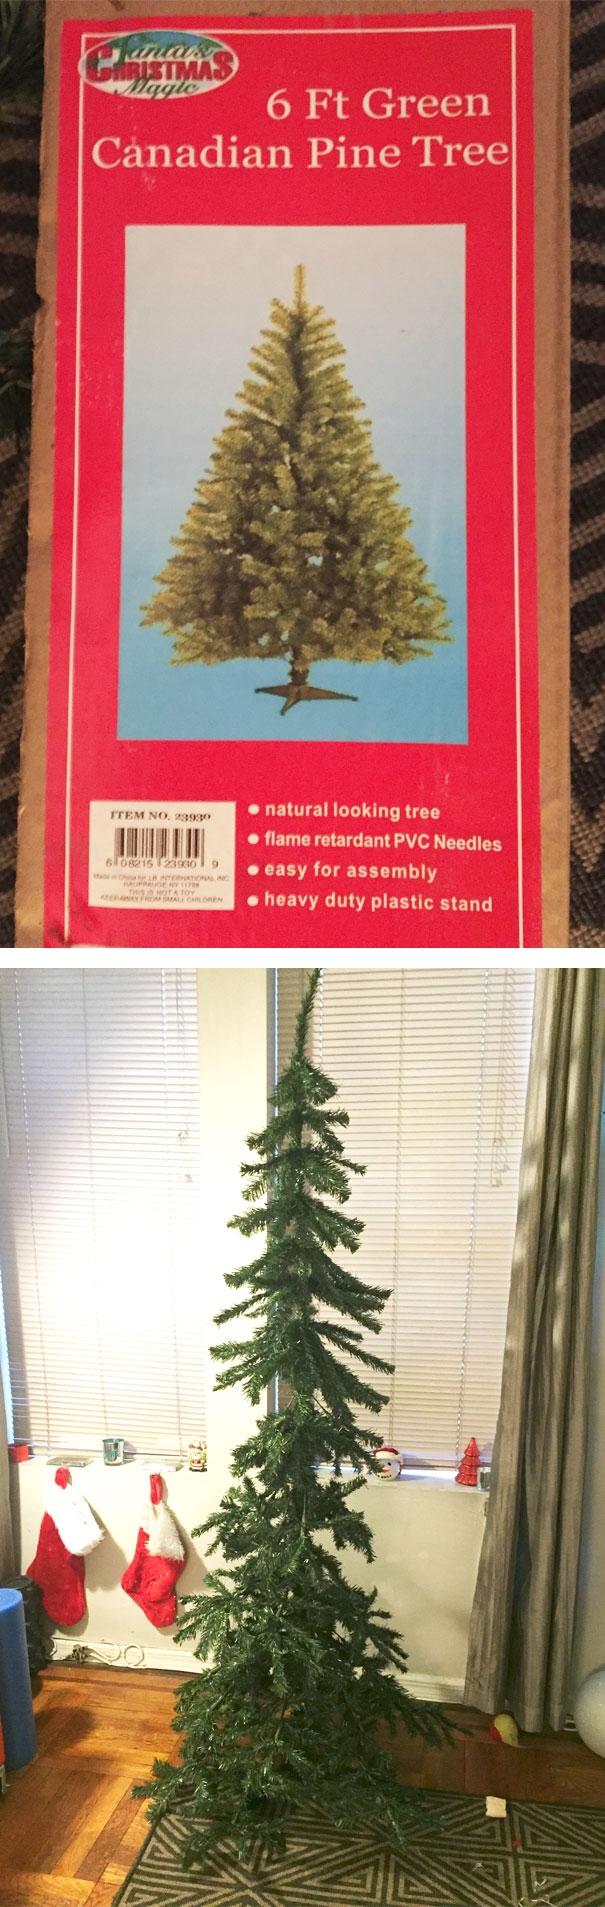 """Vì cây thông nhân tạo giữ được đến mấy năm nên các nhà sản xuất lỗ nặng. Vì vậy họ đã nghĩ ra cách """"chơi khăm"""" người mua thế này đây?! (Ảnh: blazernyc)"""